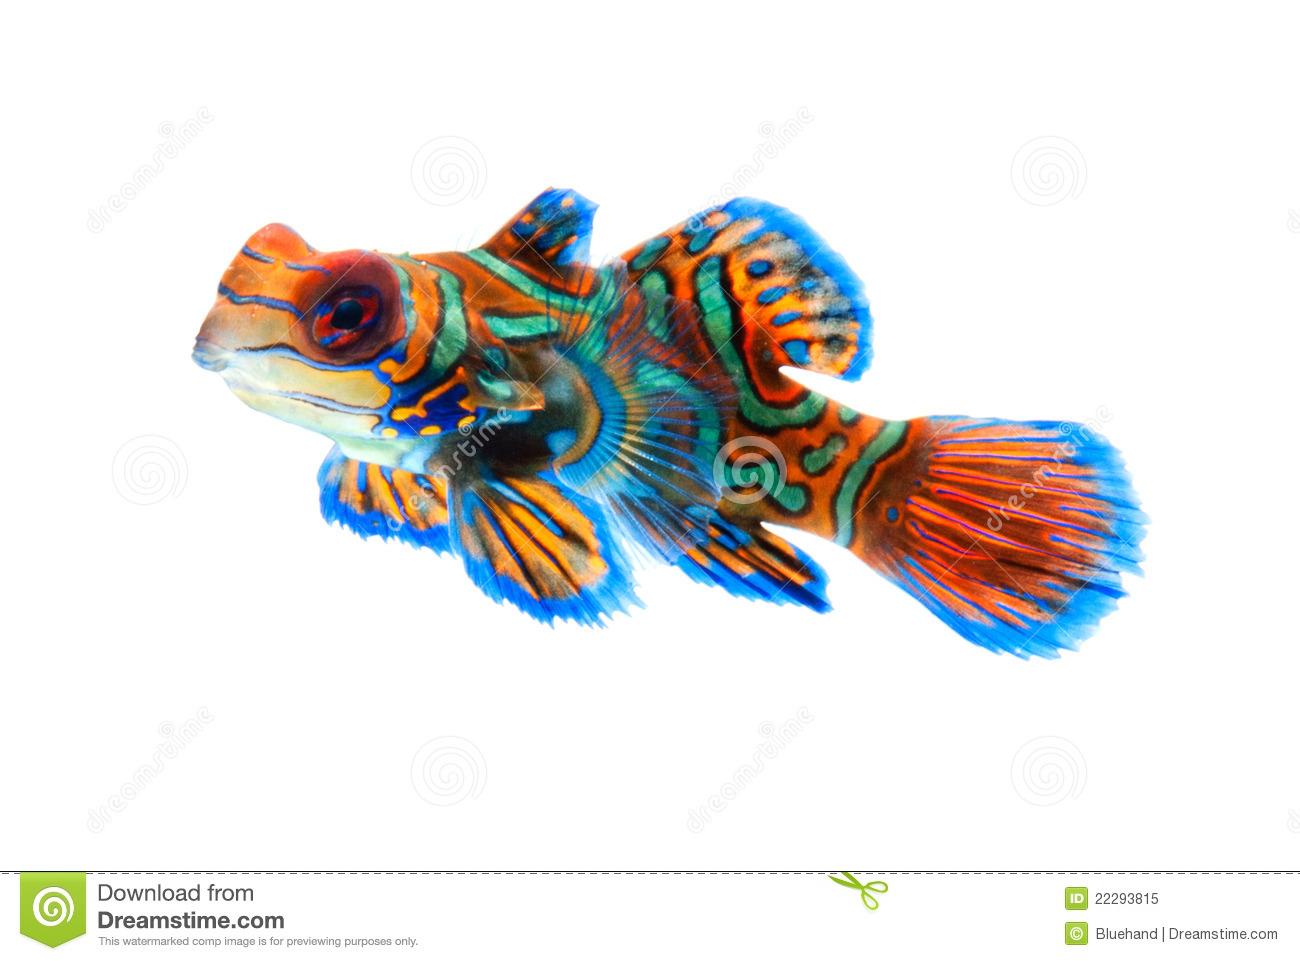 Mandarinfish clipart #13, Download drawings